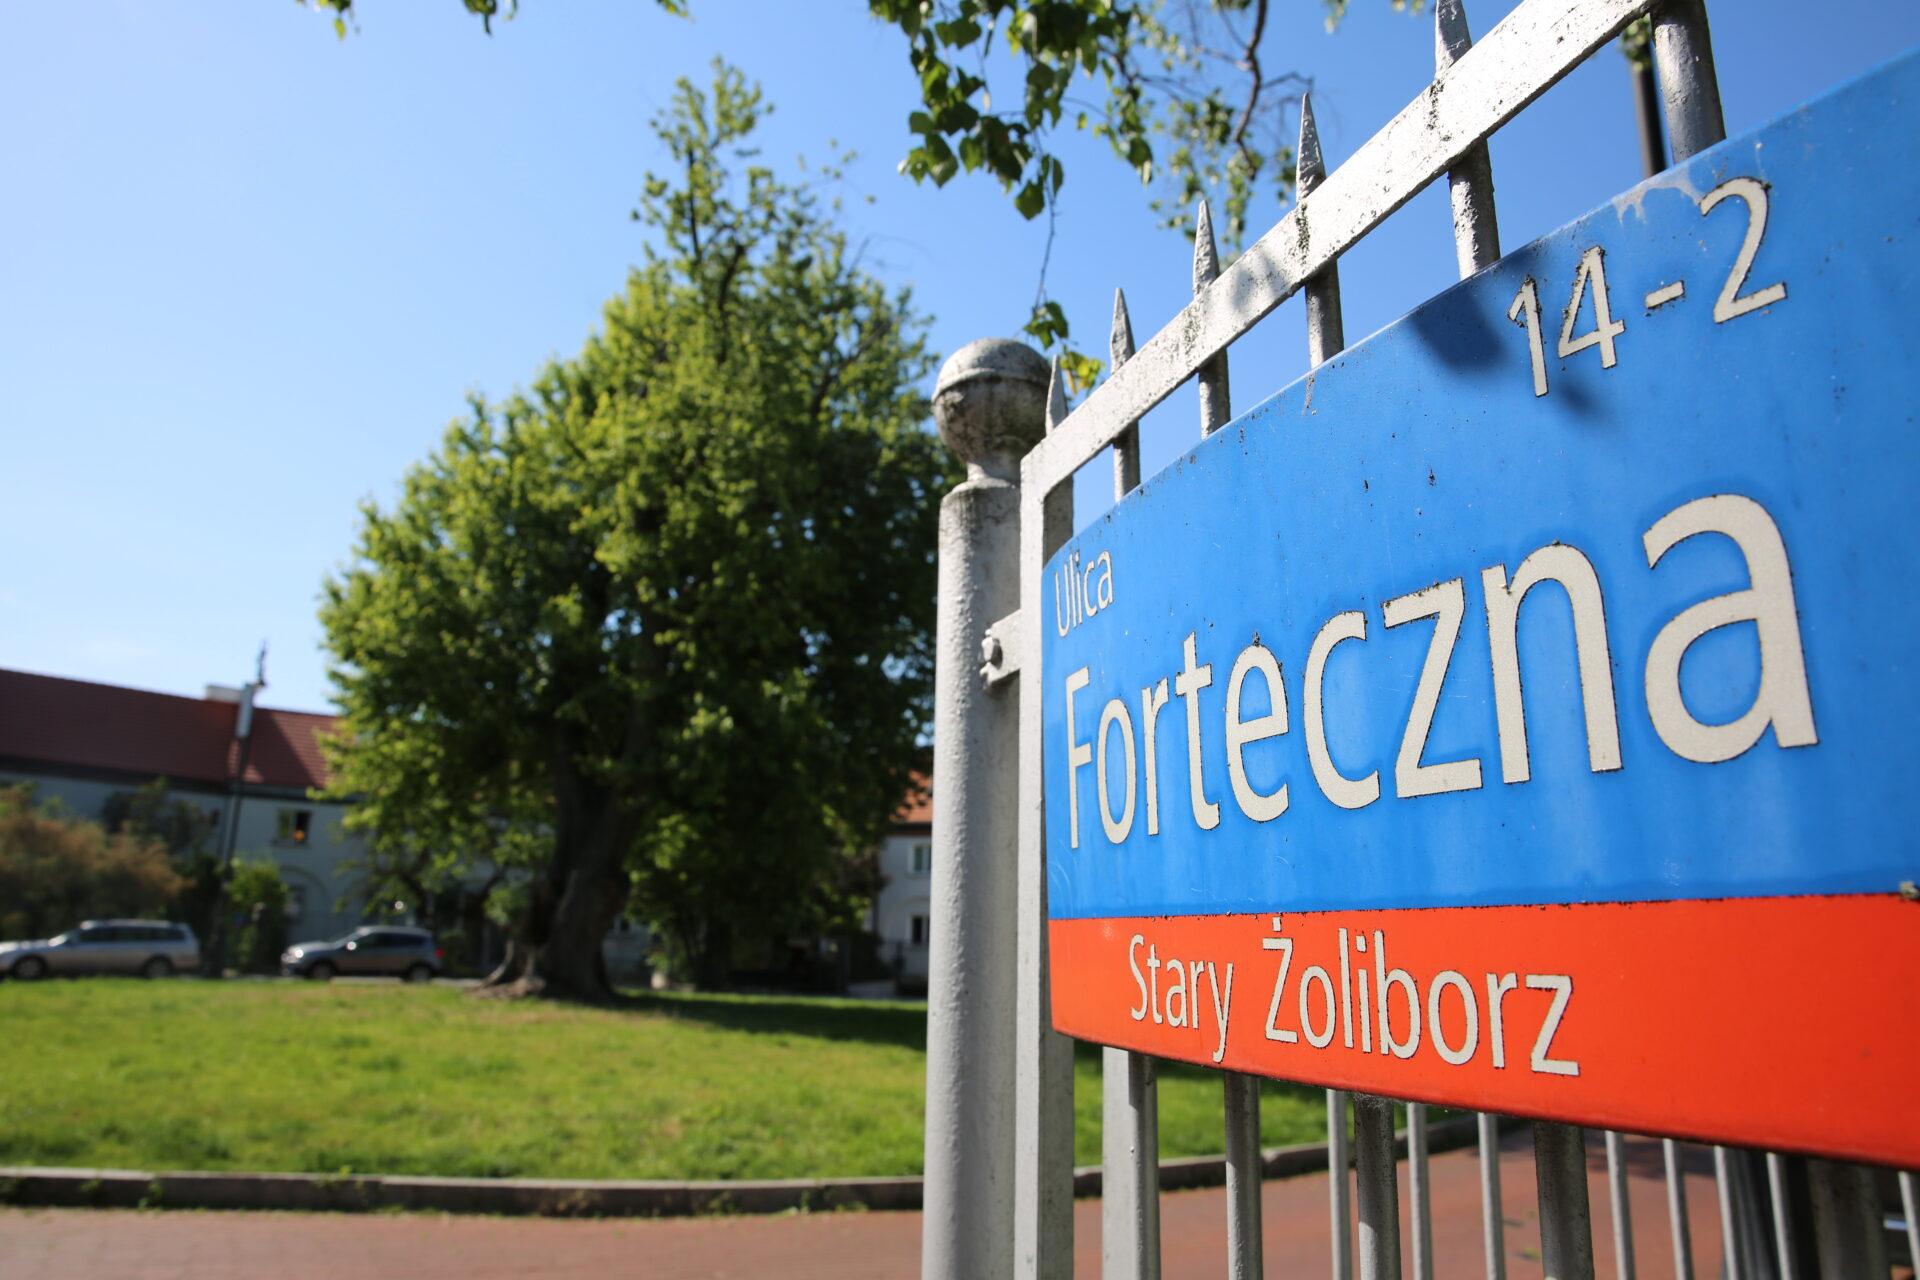 Zdjęcie kolorowe, współczesne. Fragment bramy ztabliczką znazwą: Ulica Forteczna 14-2, Stary Żoliborz. W tle zabramą zielone, wysokie drzewo ifragmentu budynku.